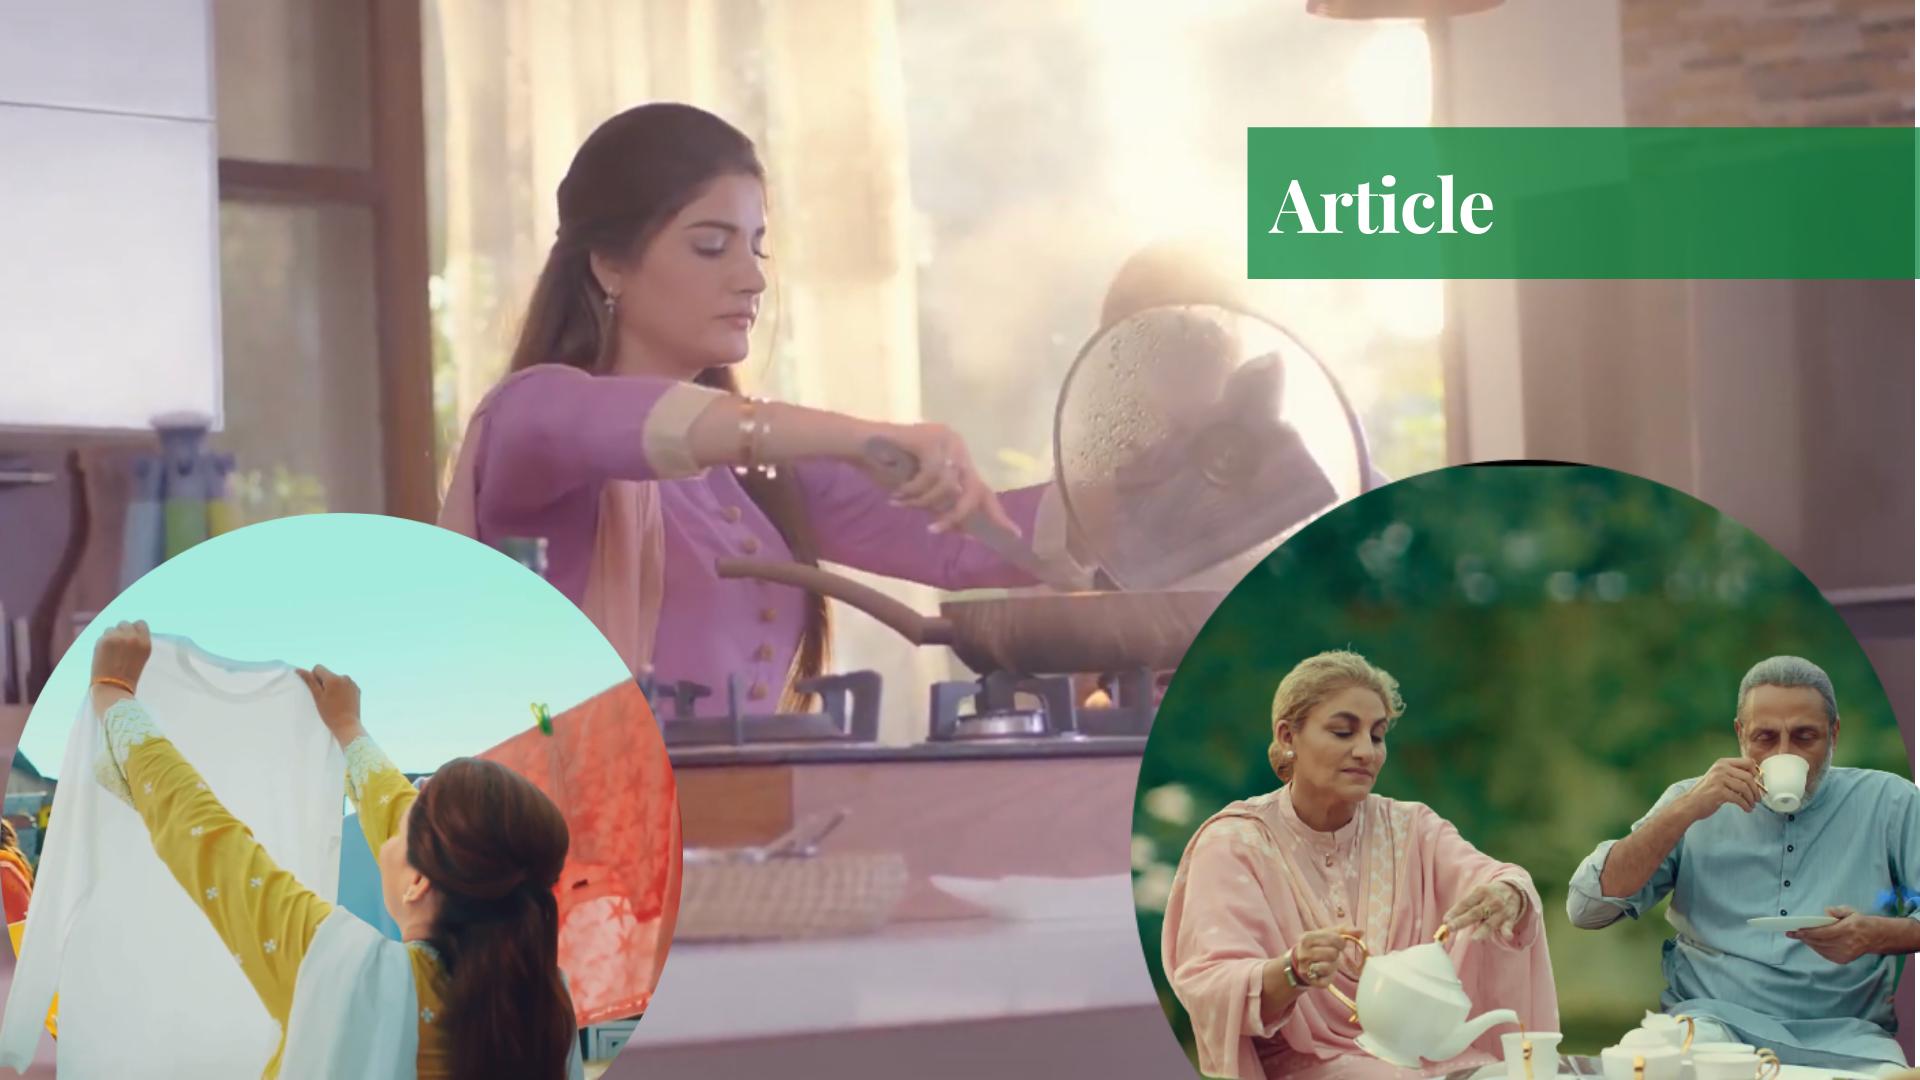 How TV Adverts Reinforce Gender Roles in Pakistan